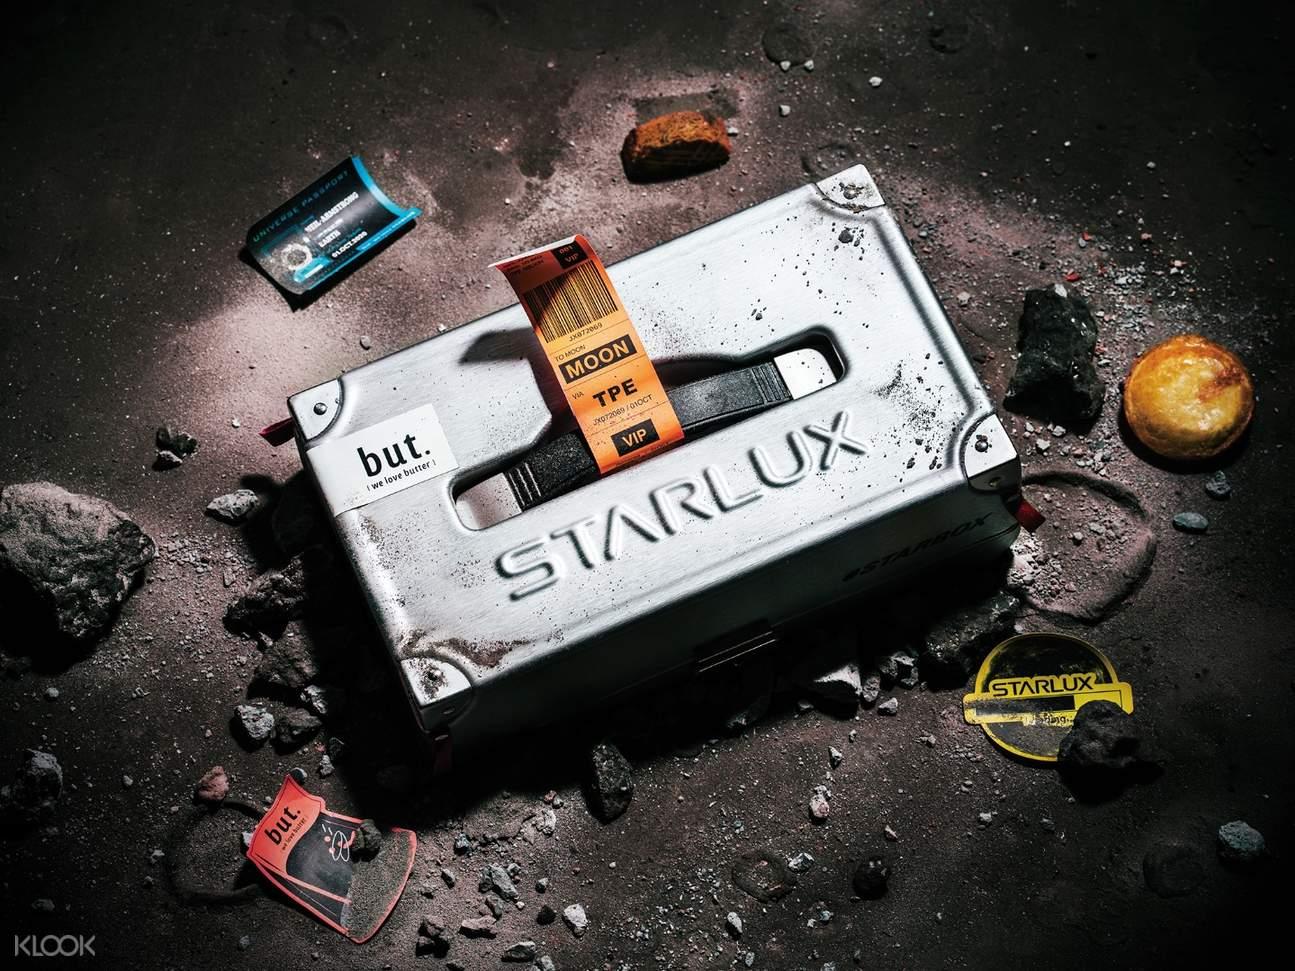 商務艙及賞月雅座專屬限定雙人套票尊榮禮:「星宇箱#STARBOX」及多項限量好禮!